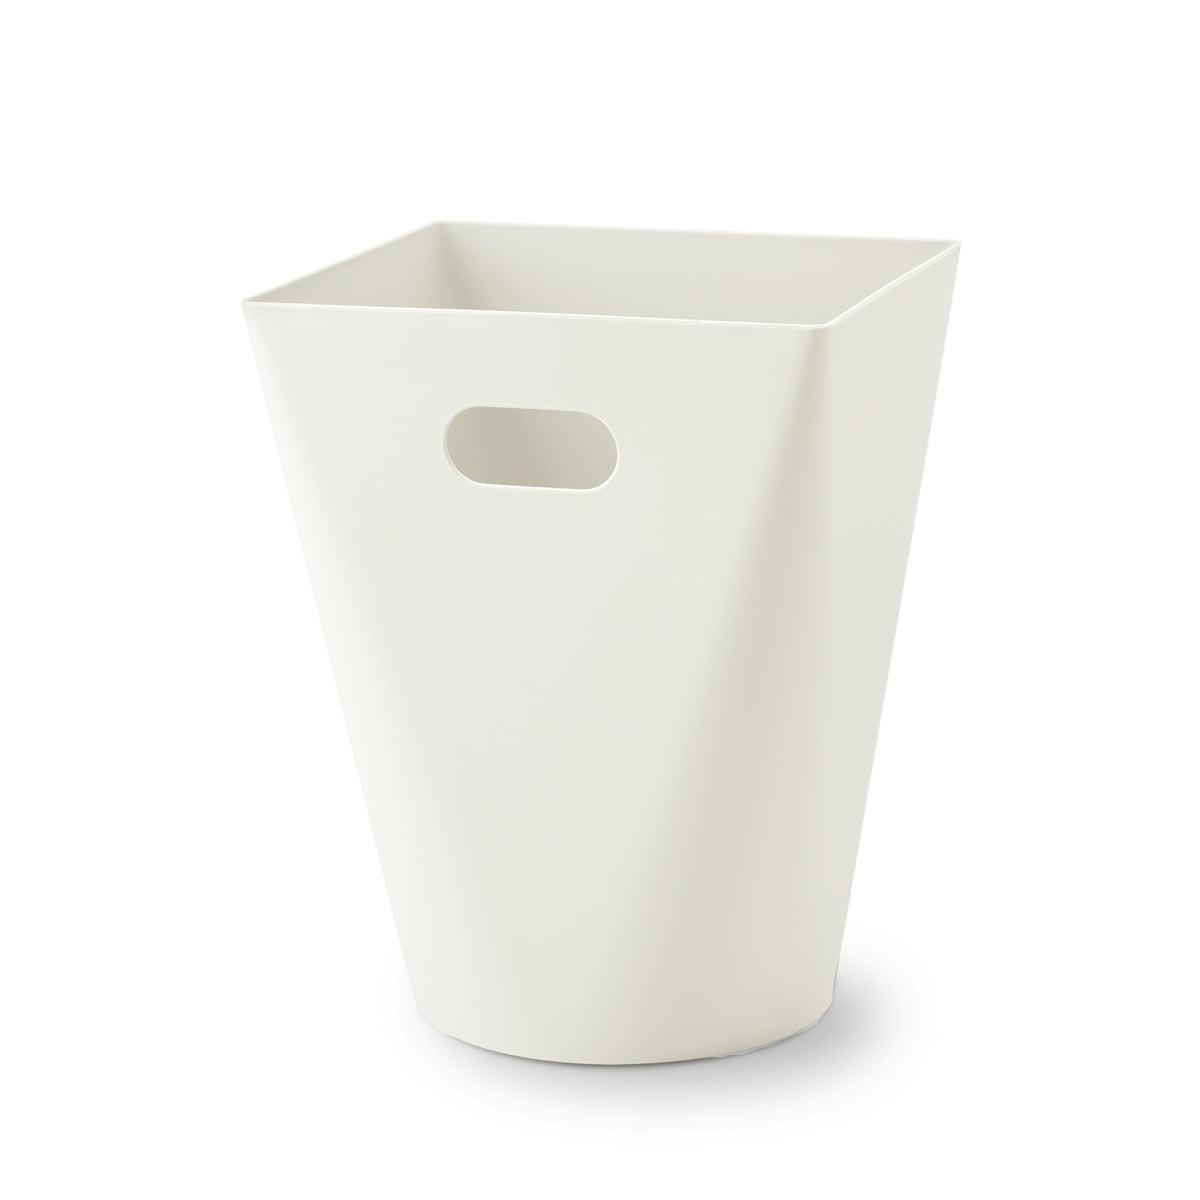 Authentics - Square Midi Papierkorb, weiß | Büro > Papierkörbe | Weiß | Polypropylen | authentics